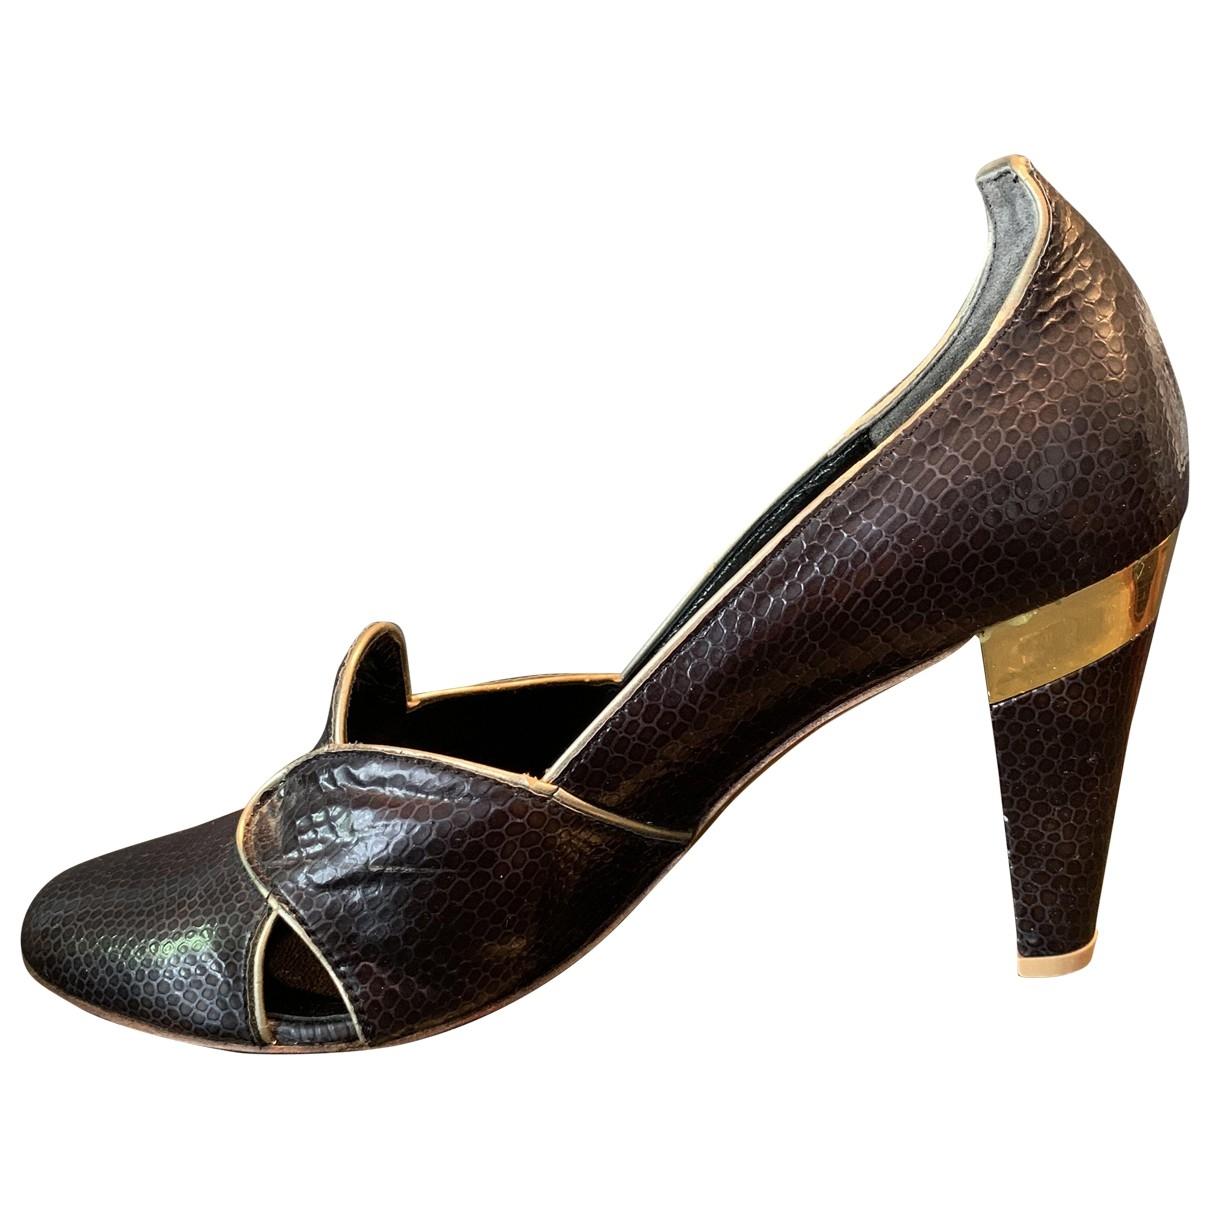 Gaspard Yurkievich - Escarpins   pour femme en cuir - noir